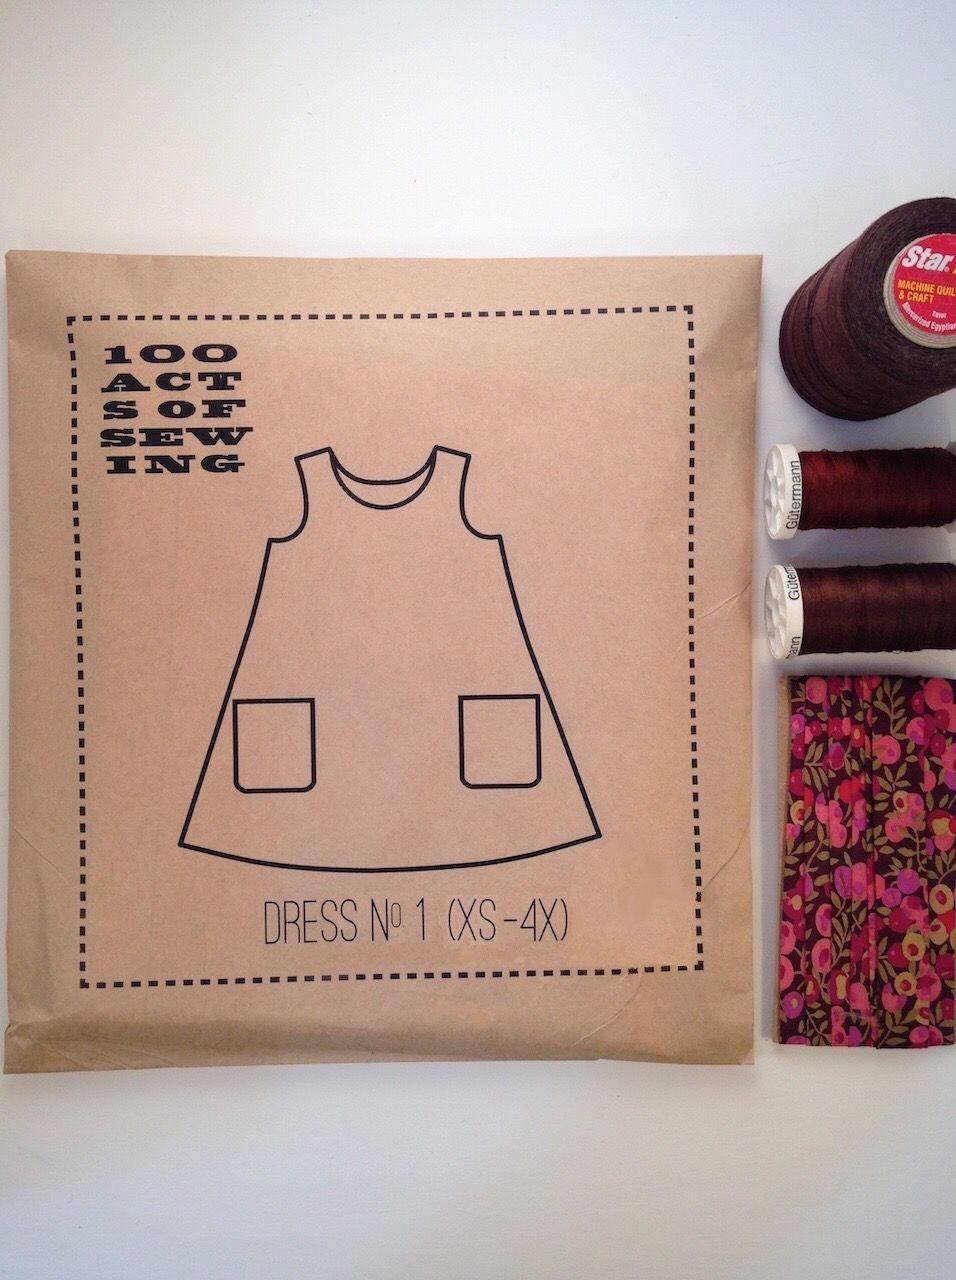 Dress No. 1 Pattern